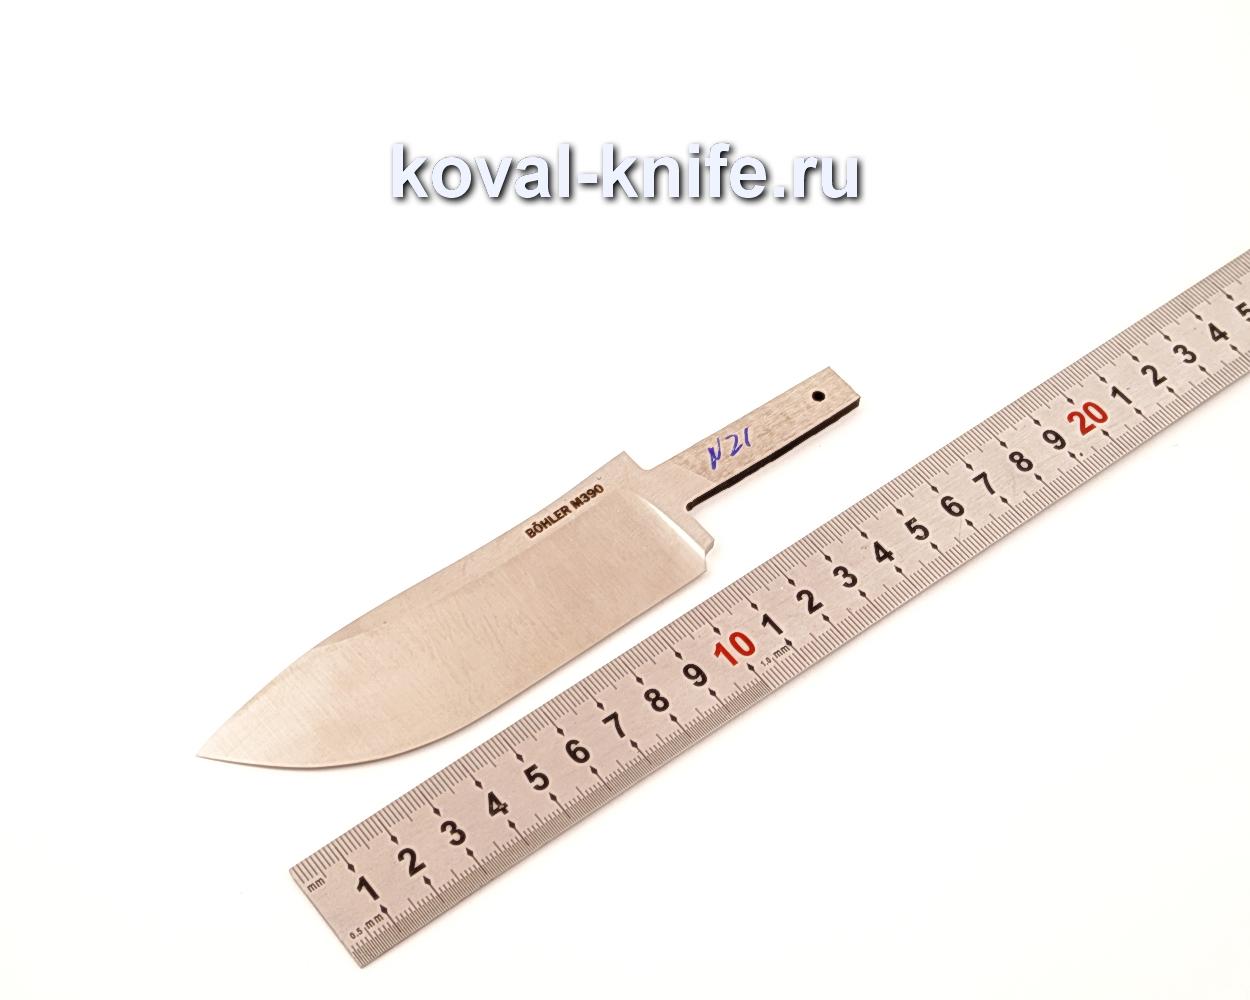 Клинок для ножа из порошковой стали Bohler M390 N21